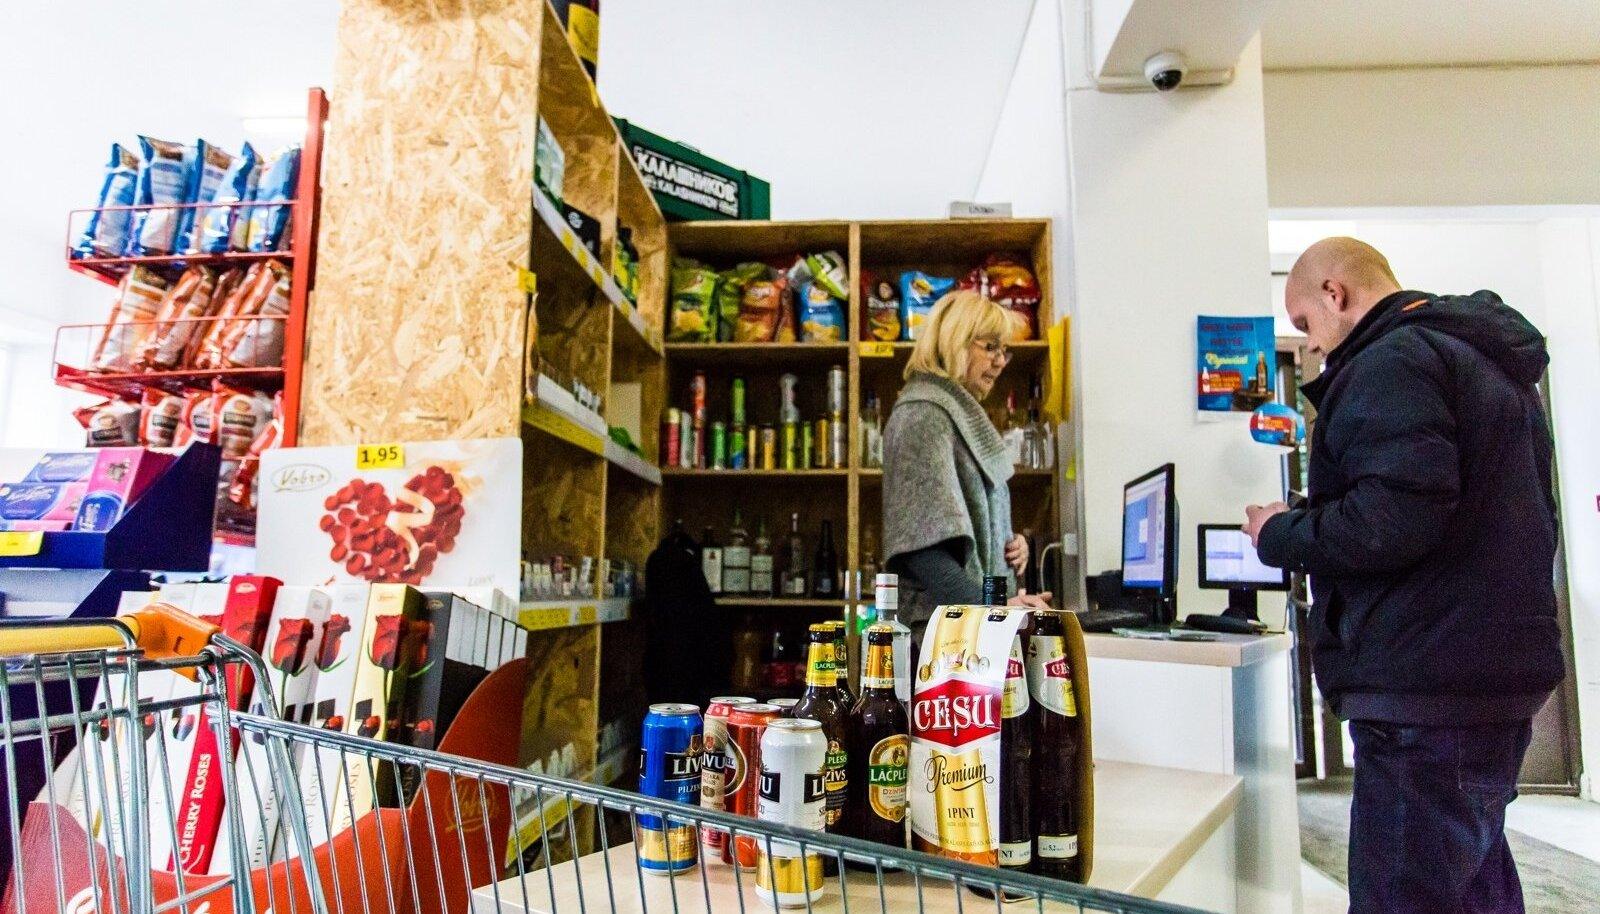 Ainaži Alko1000 poes käib äri täie hooga ja enamik alkoholiostjaid on eestlased. Valitsuse kavandatav aktsiisitõus suurendab Lätis alkoholi järel käijate arvu ilmselt veelgi.